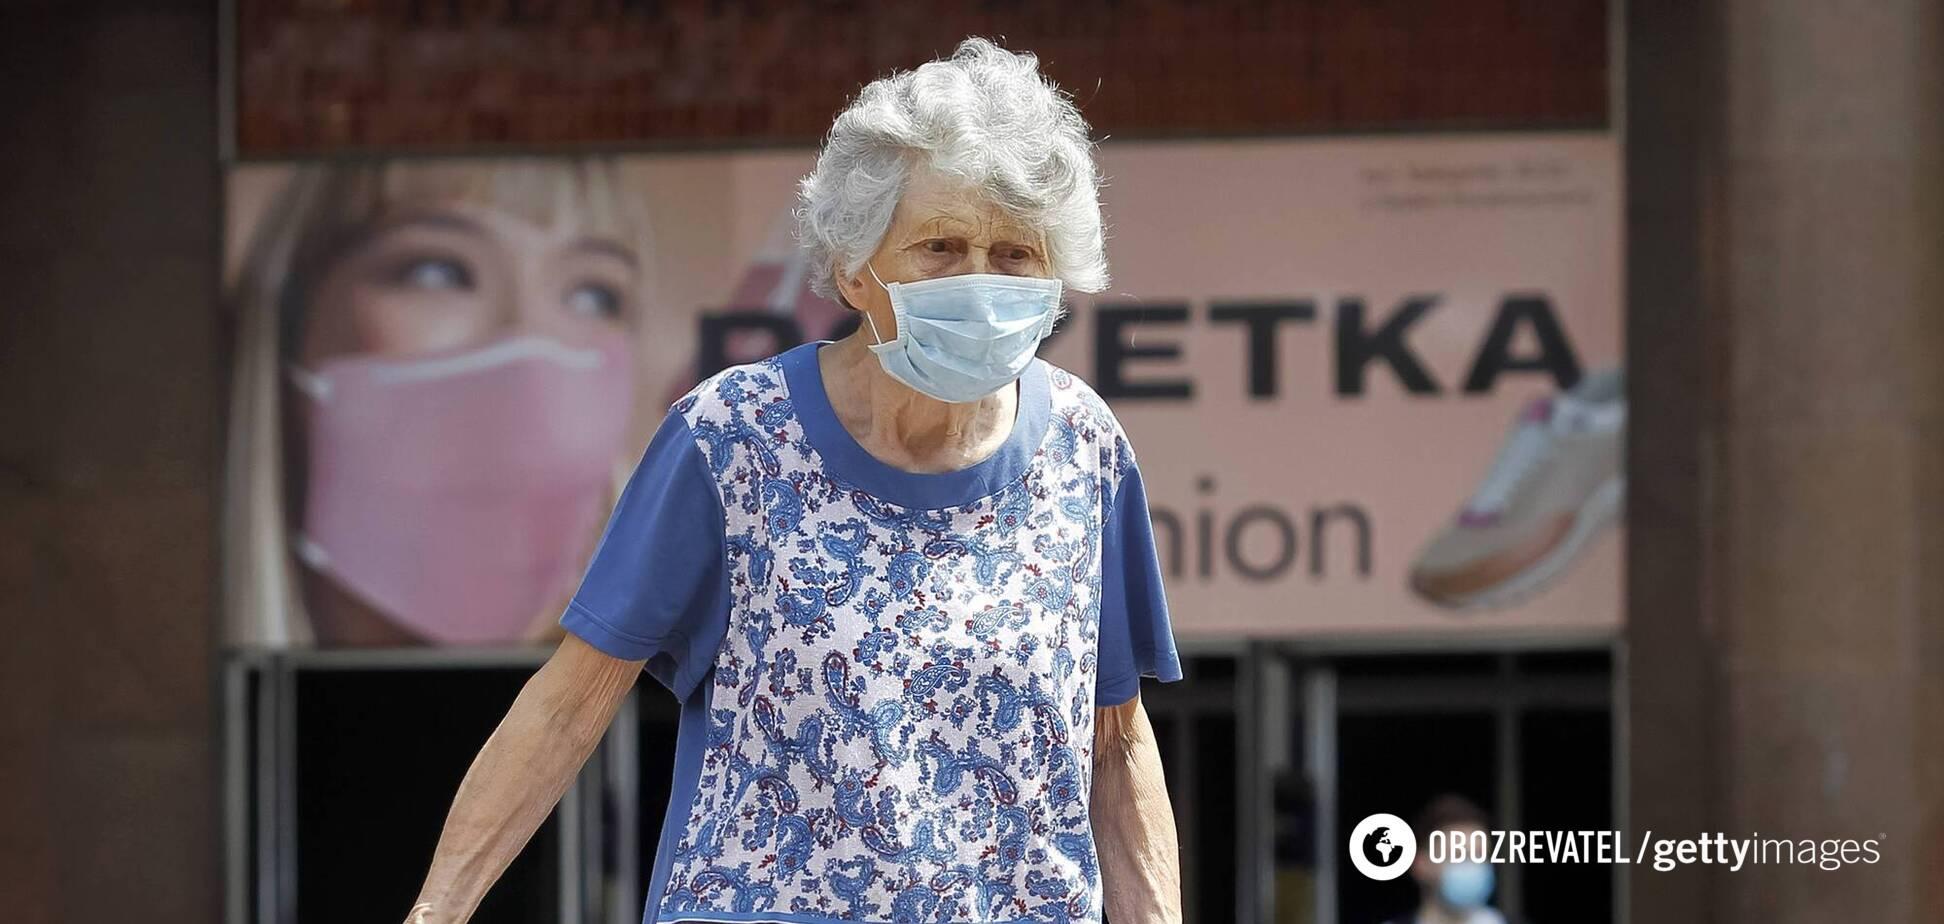 Пожилые люди подвергаются наибольшему риску